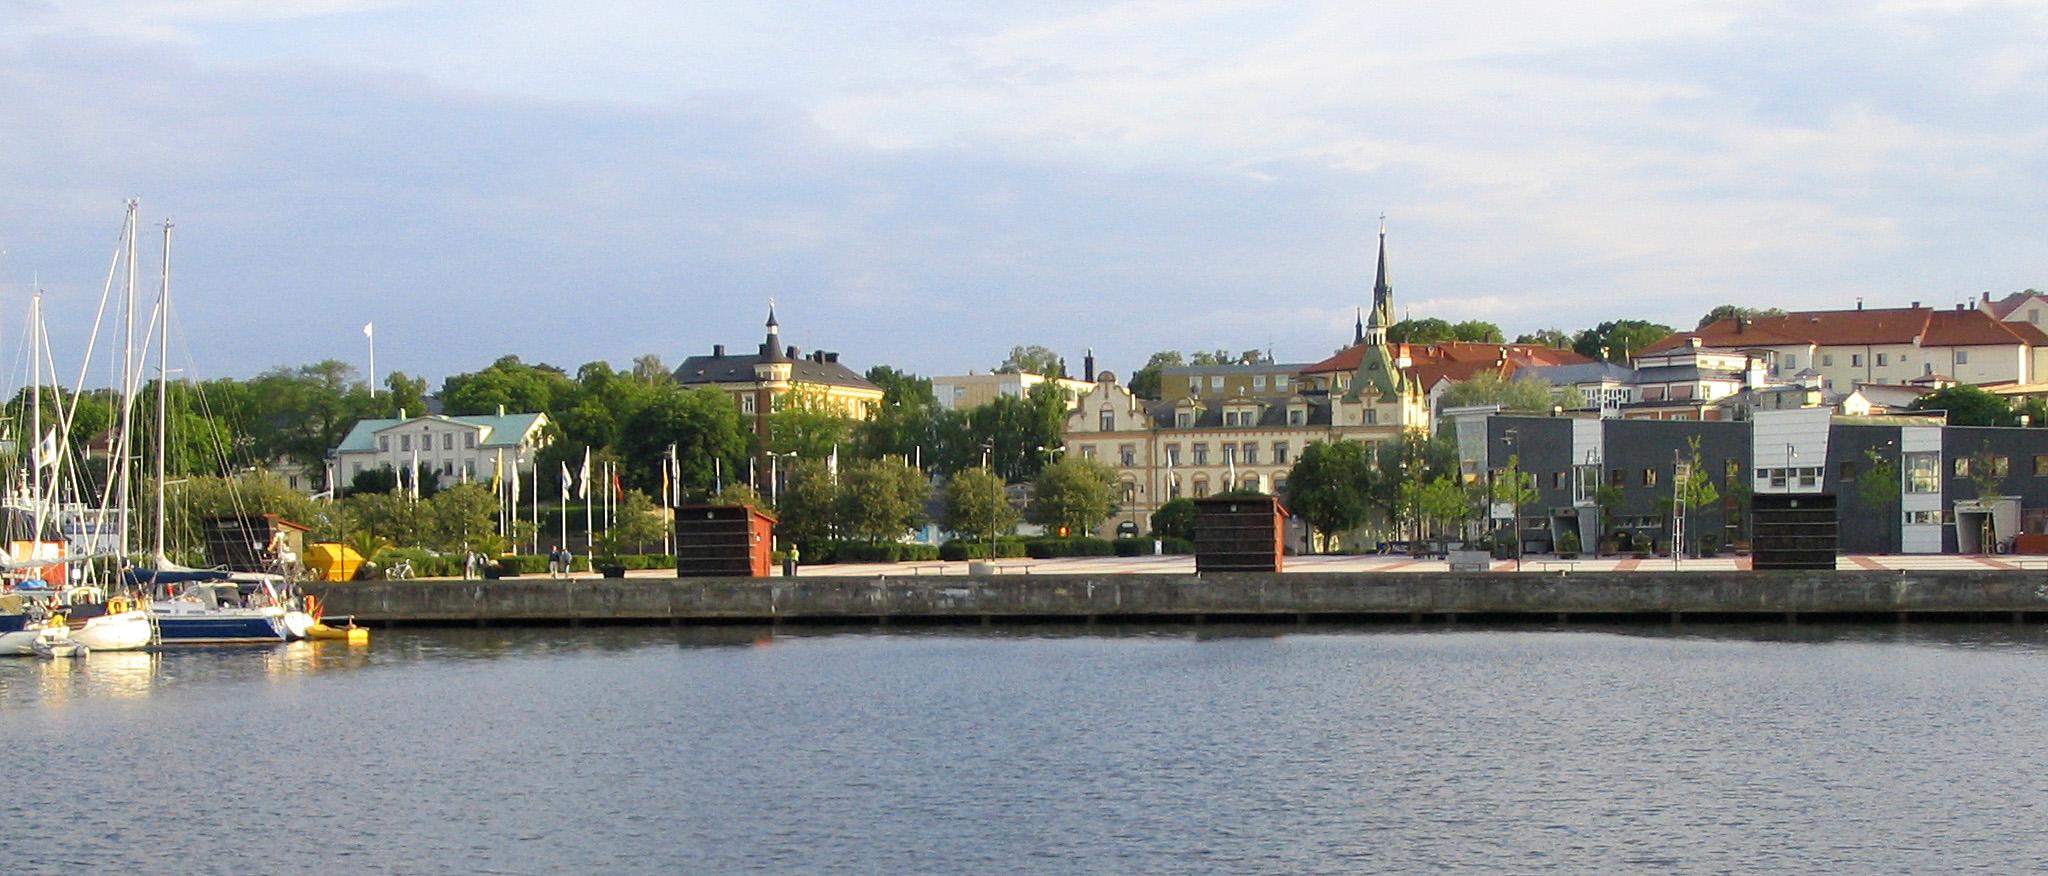 Singel i enköping, Sverige dating Oskarshamn